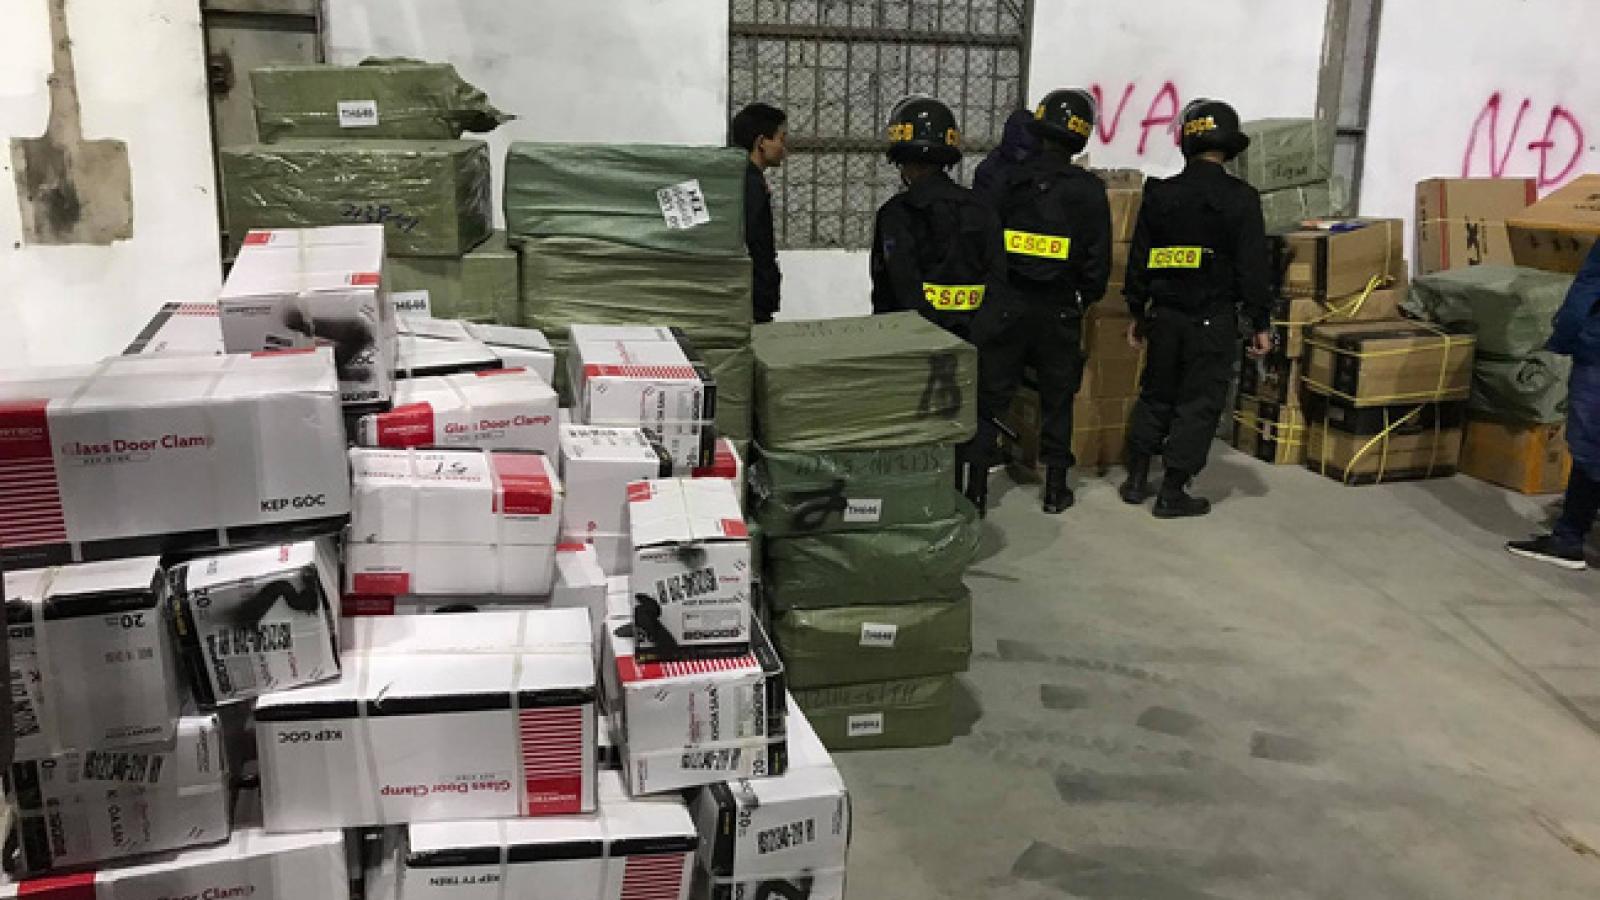 Đình chỉ 6 cán bộ hải quan liên quan vụ buôn lậu tại cửa khẩu Bắc Phong Sinh